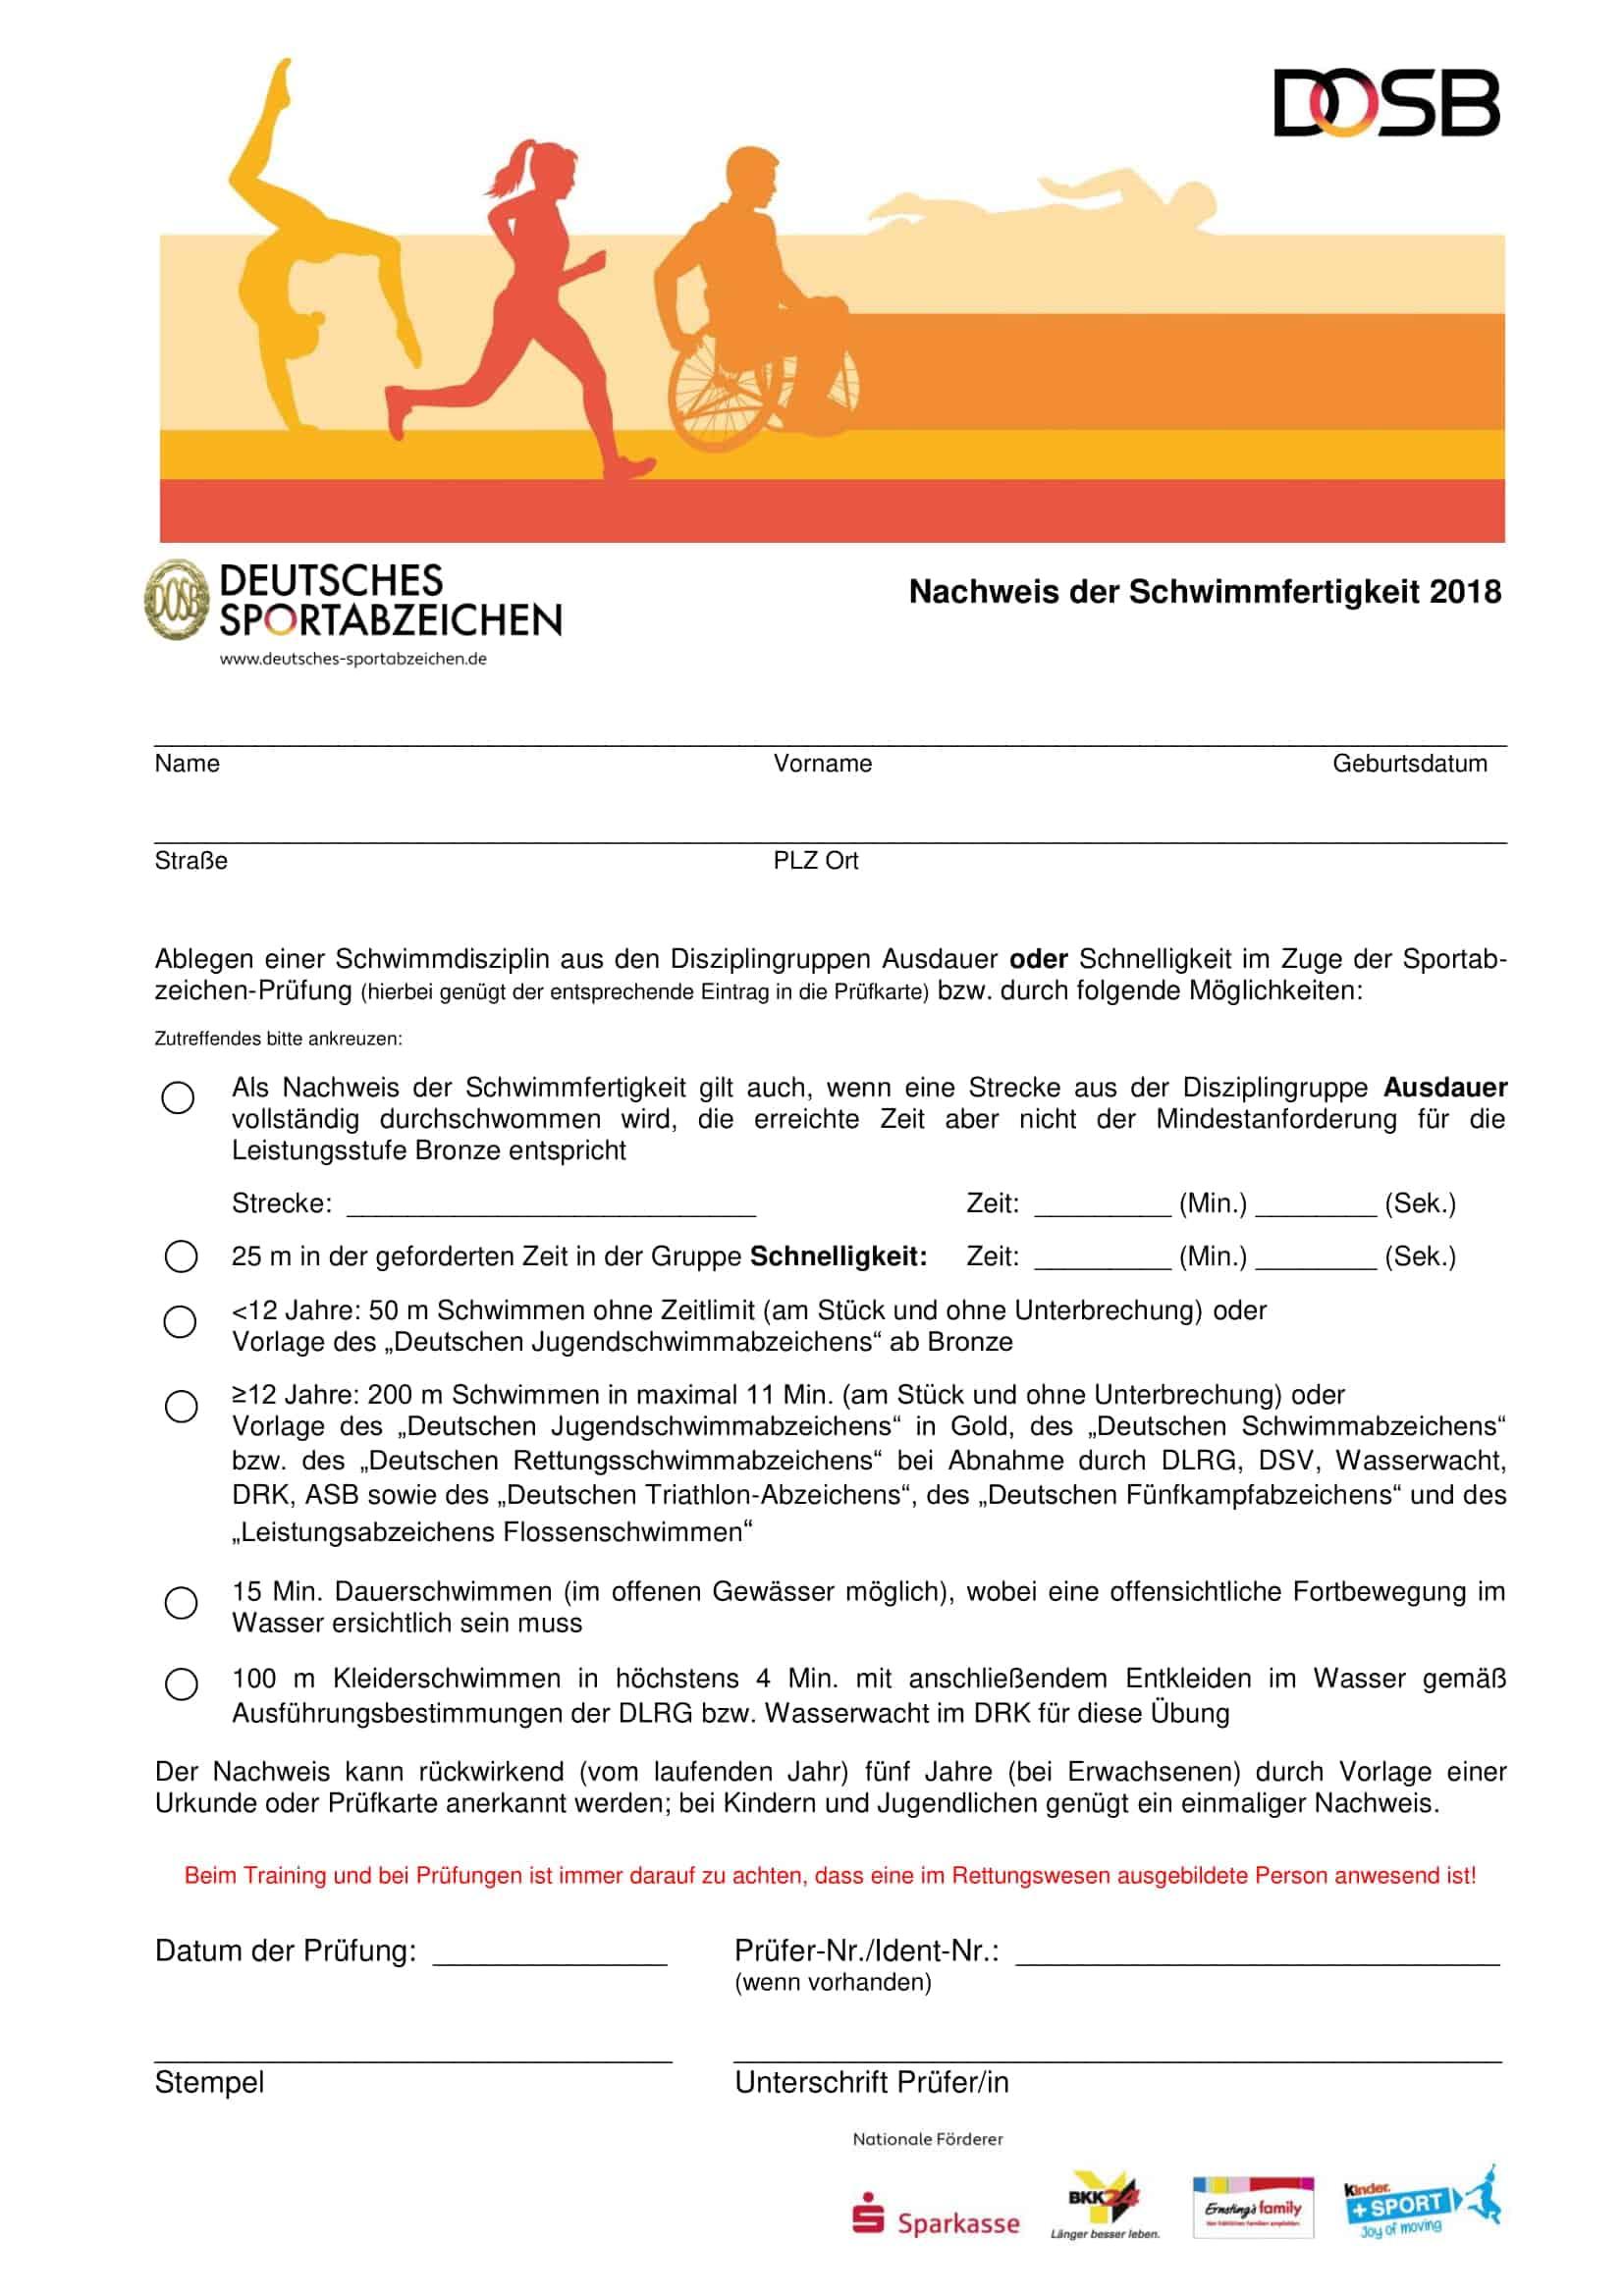 Großartig übung Journalvorlage Bilder - Entry Level Resume Vorlagen ...